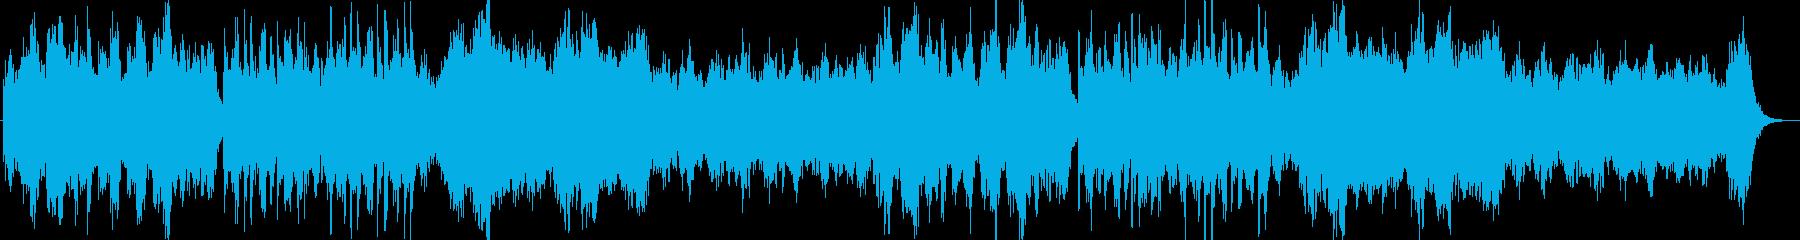 ドラマティックなシンセサイザー曲の再生済みの波形